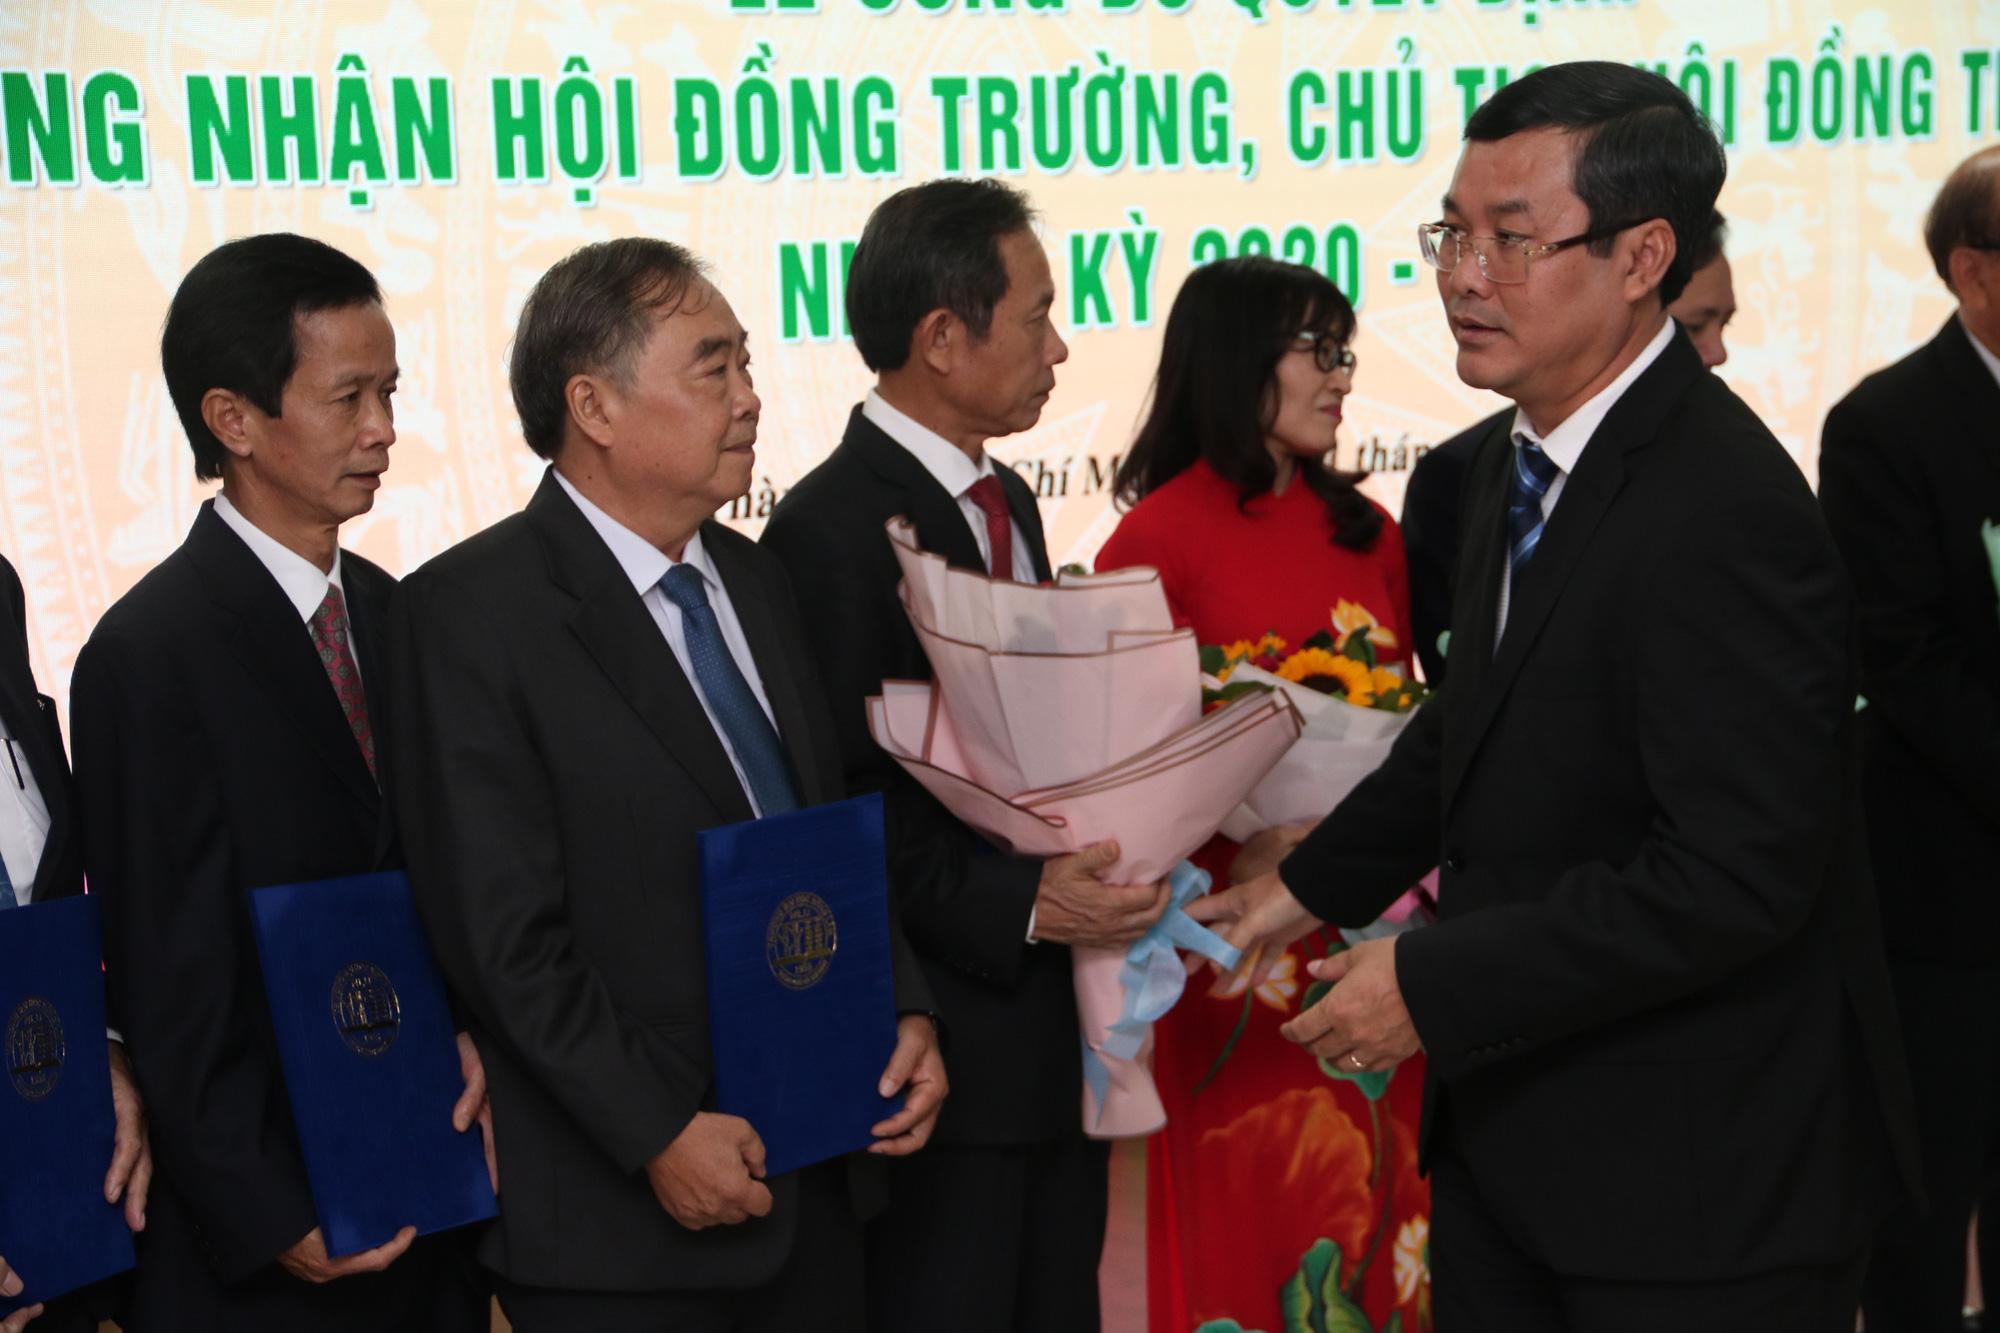 Trường ĐH Nông lâm TP.HCM công bố hội đồng trường - Ảnh 1.